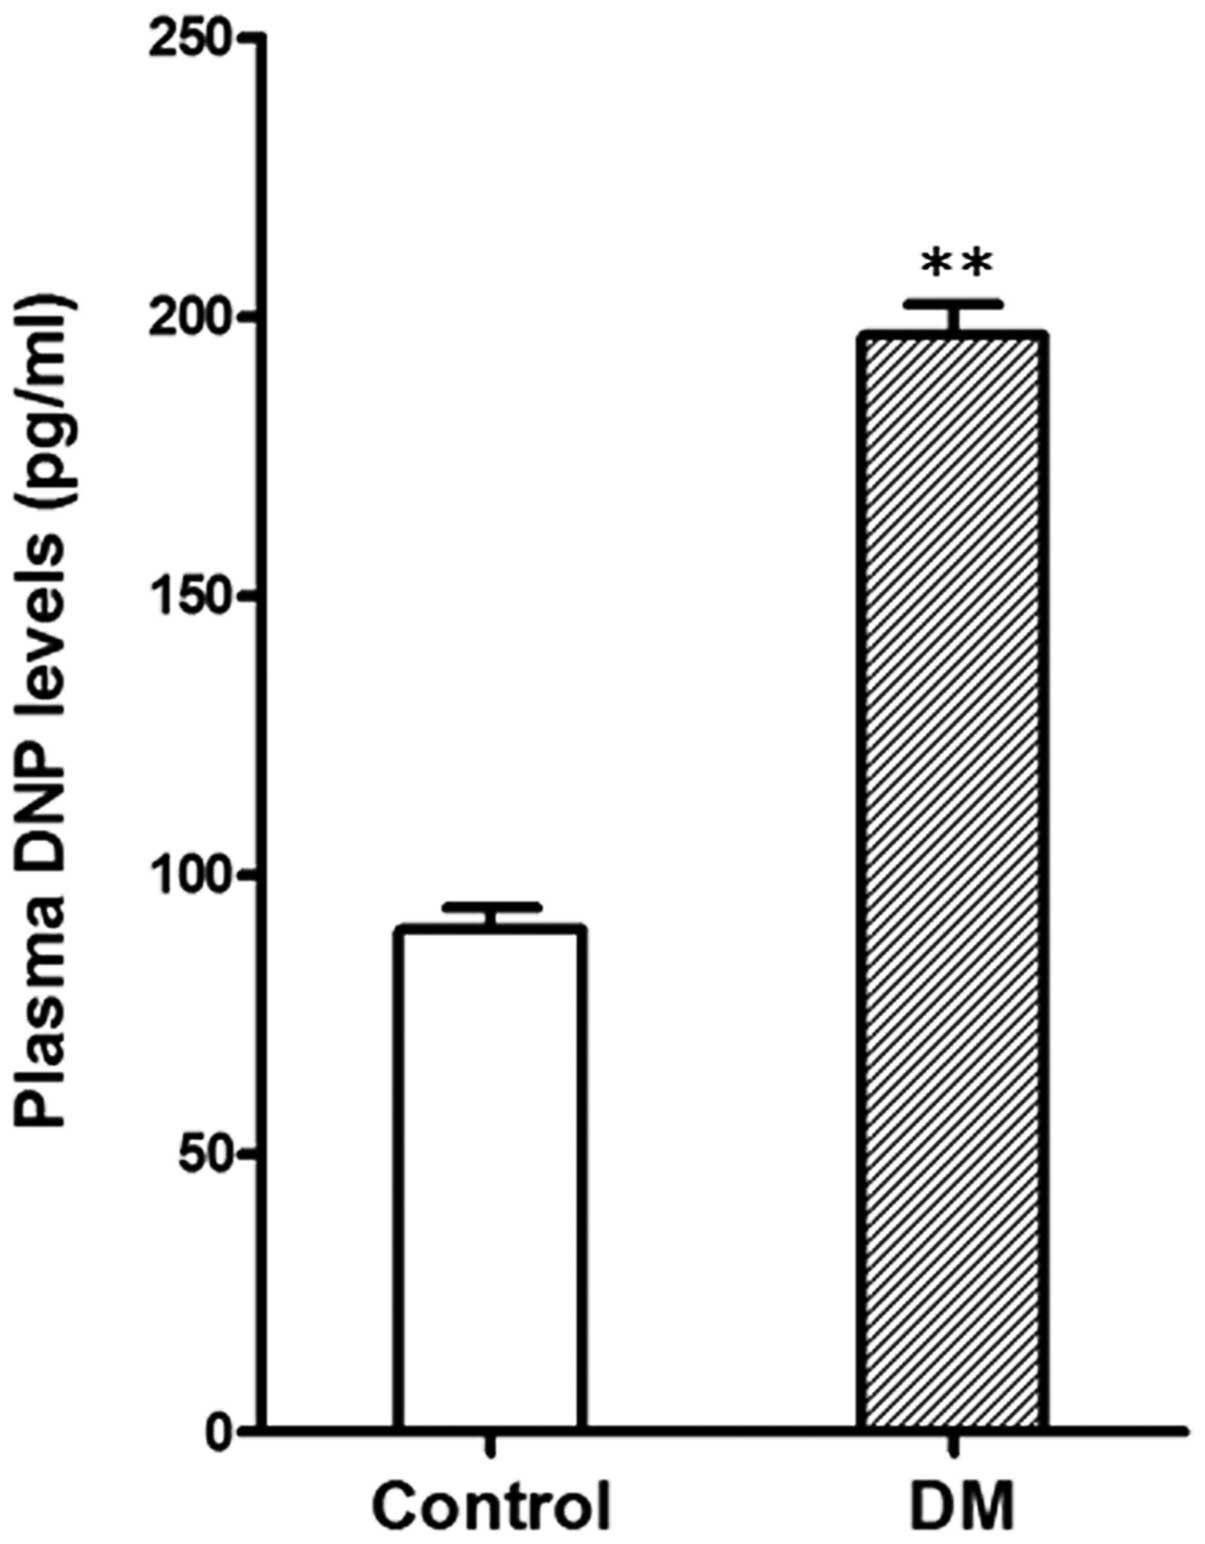 Characteristics of dendroaspis natriuretic peptide and its receptor